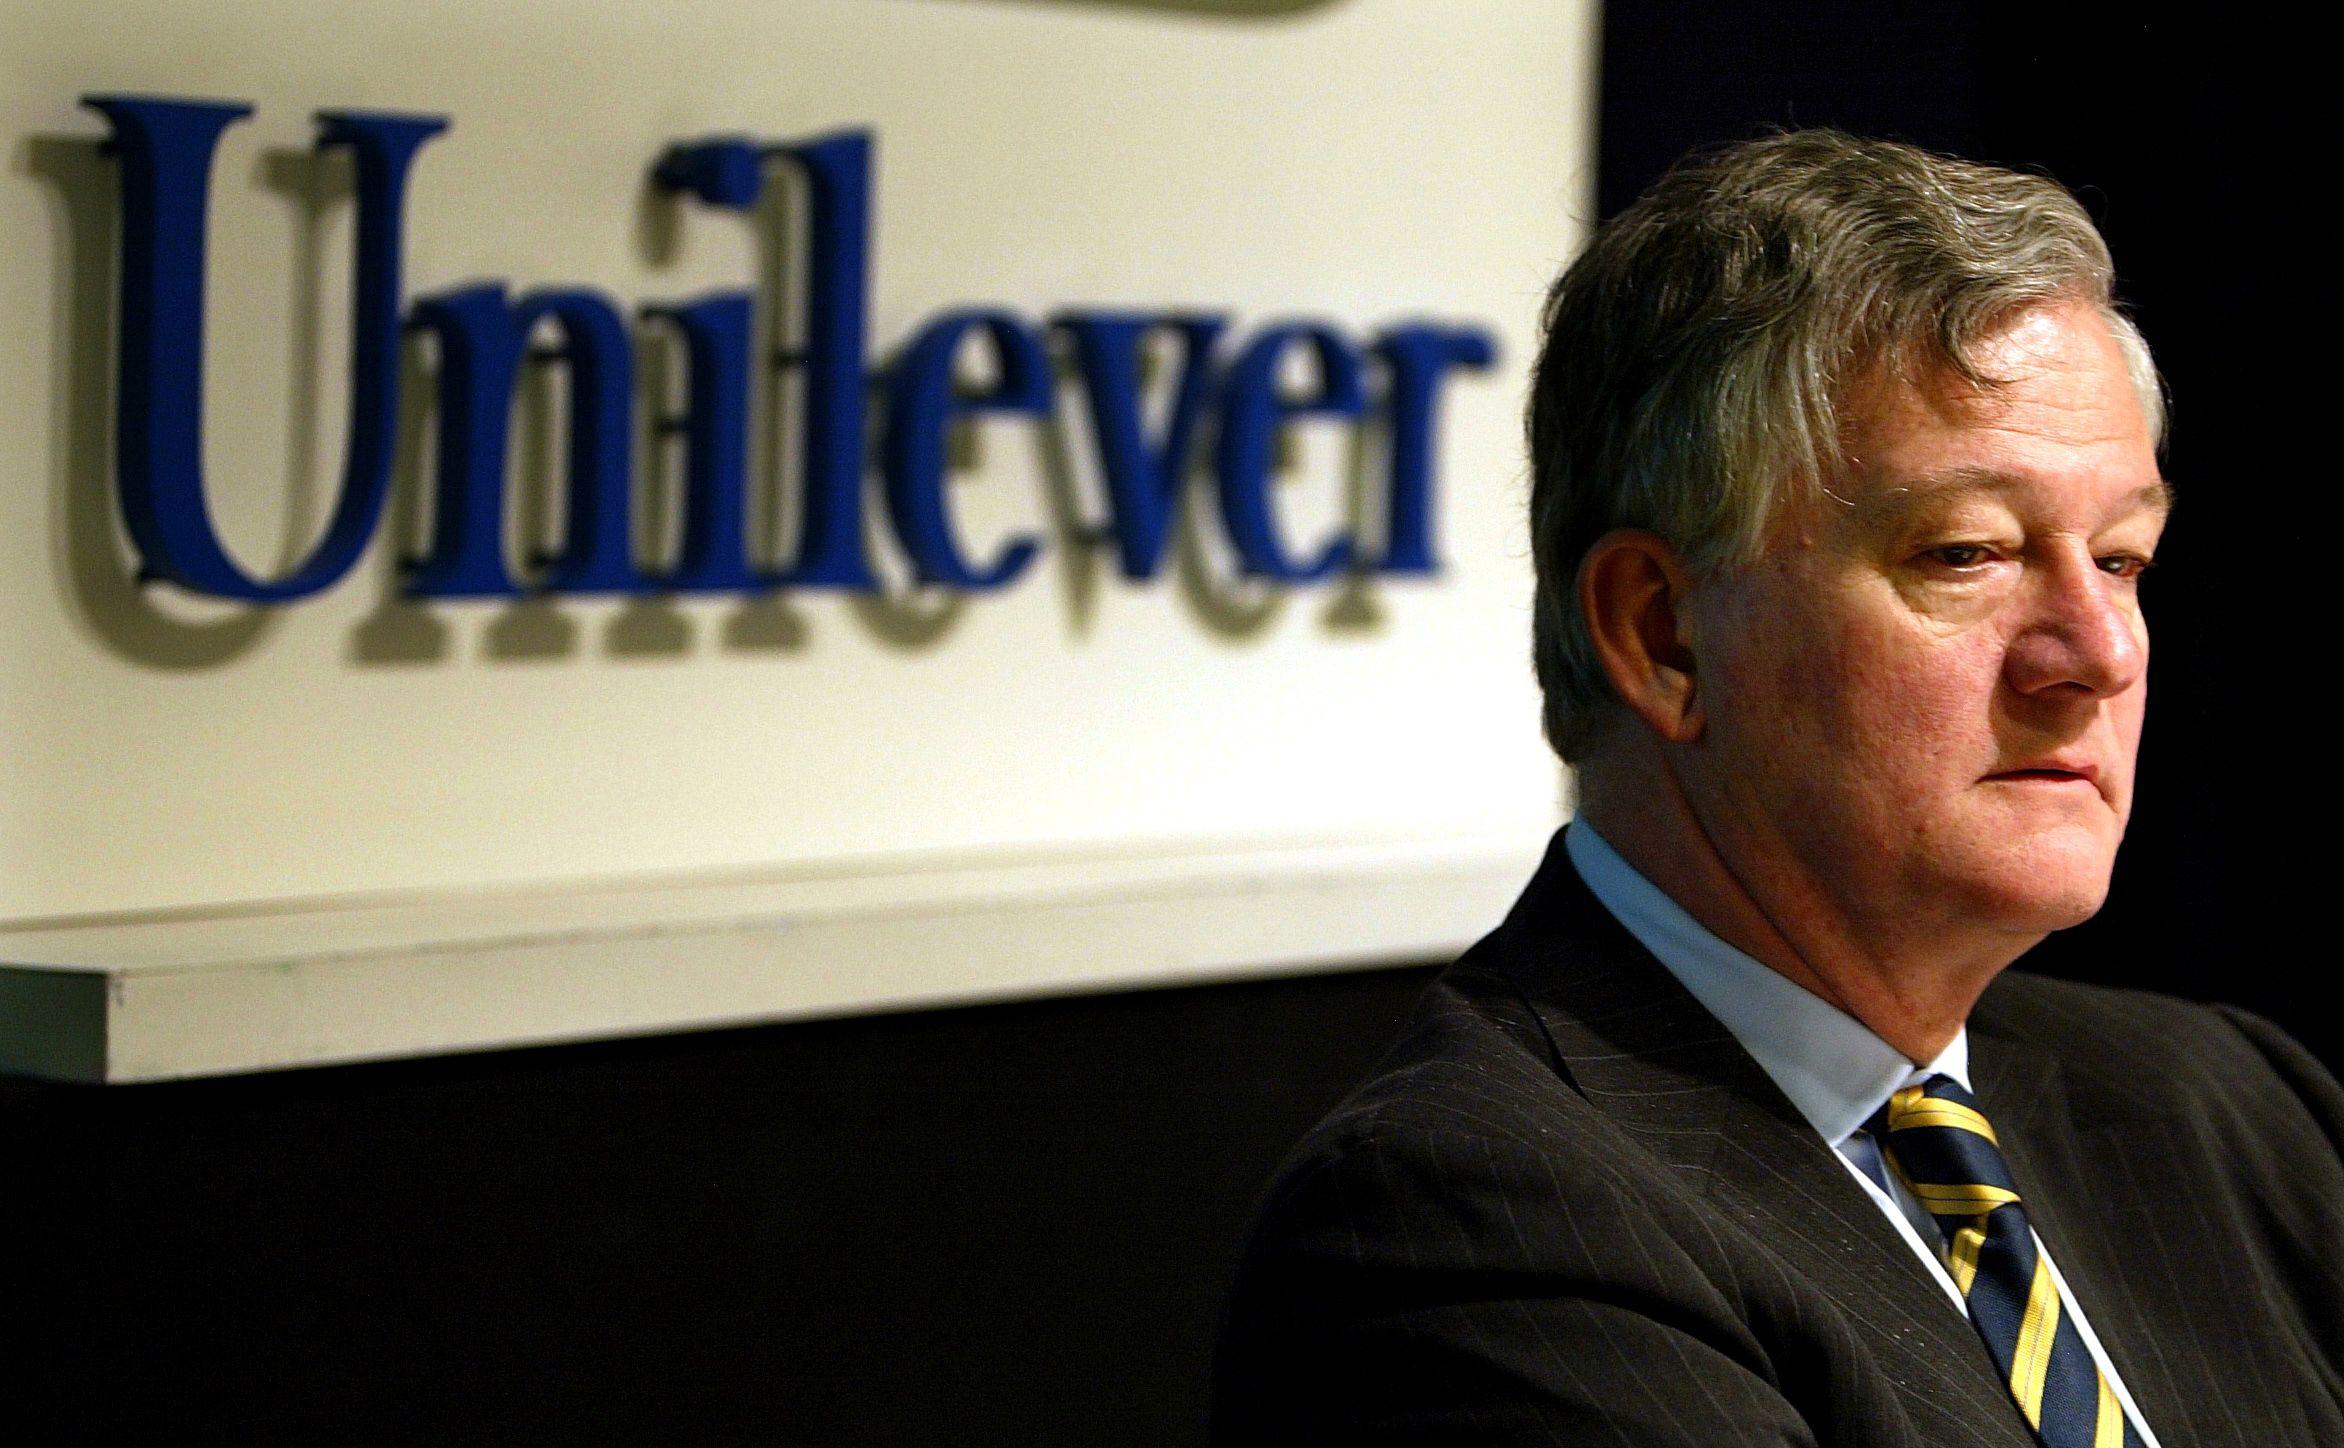 Unilever fait les frais de l'actualité depuis des mois et des mois en France.